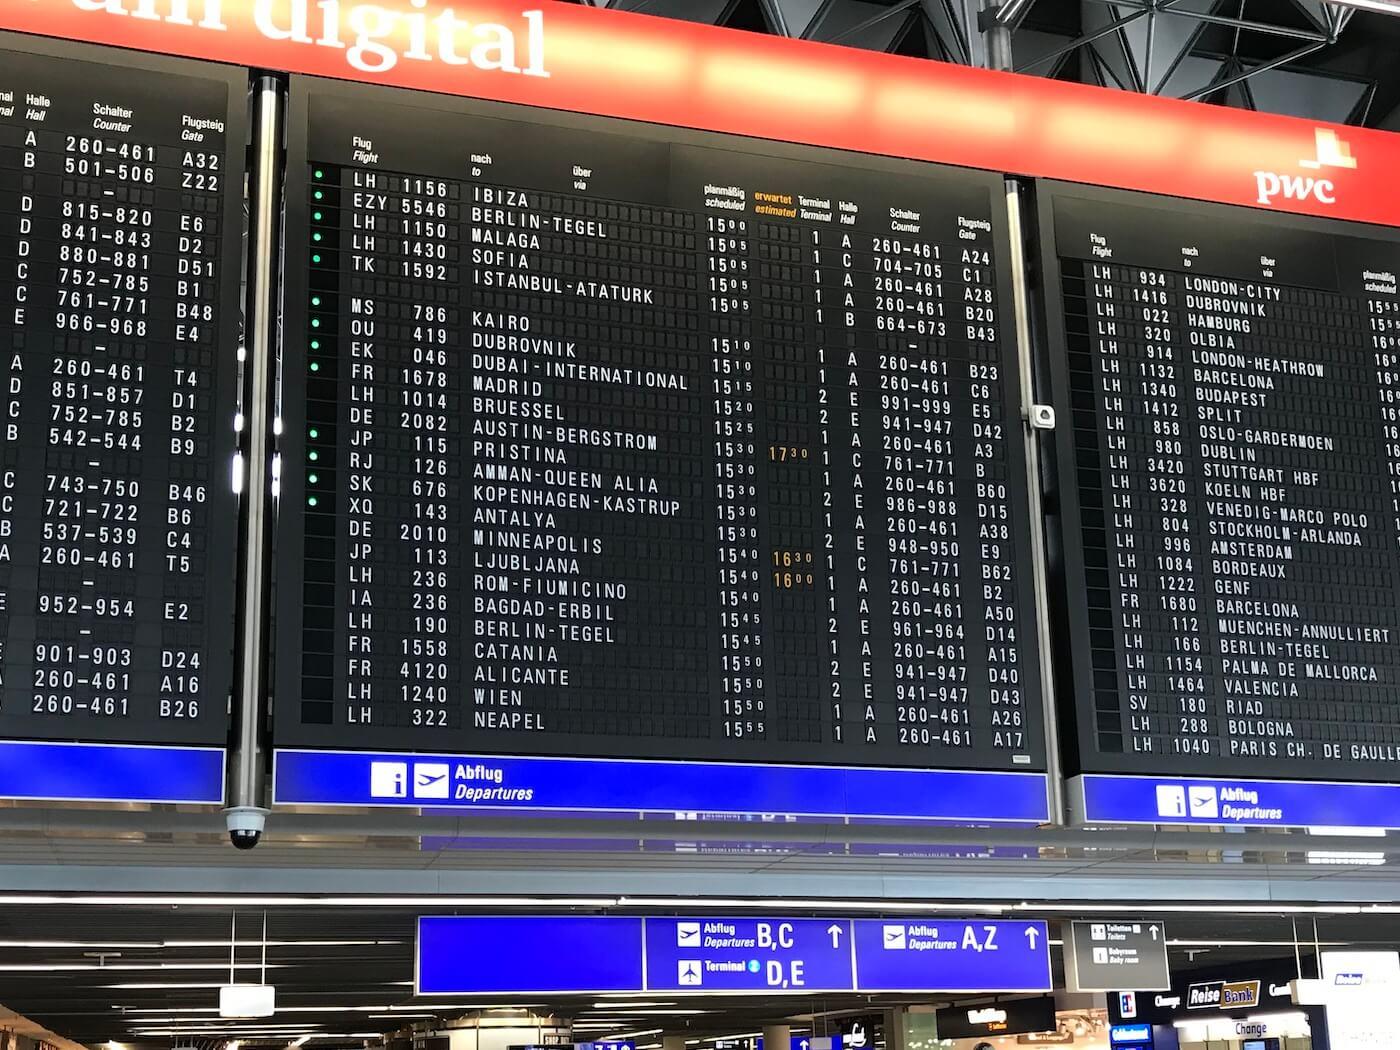 Gutschein zum Parken am Flughafen Frankfurt (FRA)